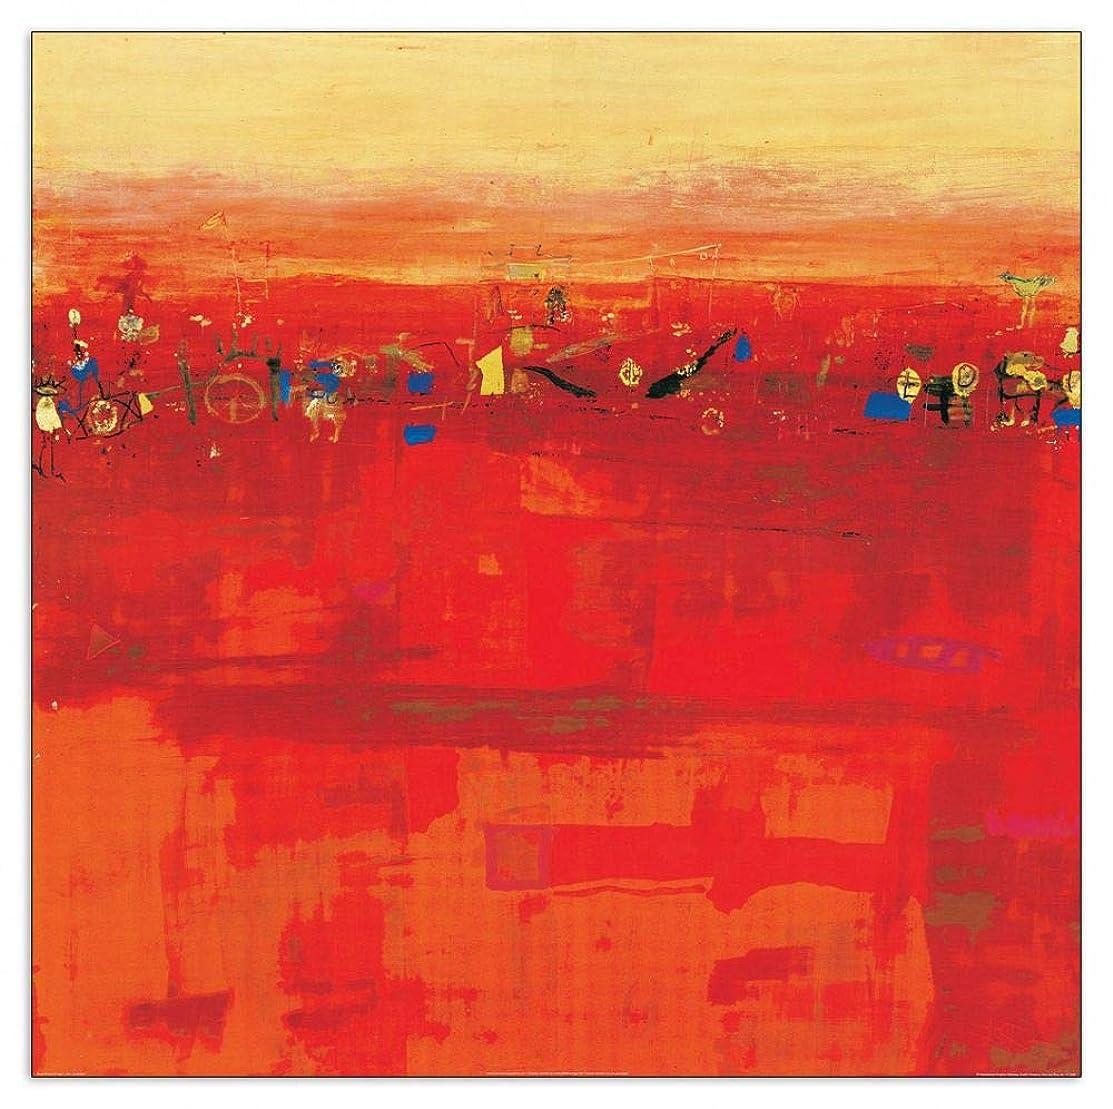 Artopweb TW22163 Decorative Panel 27.5x27.5 Inch Multicolored